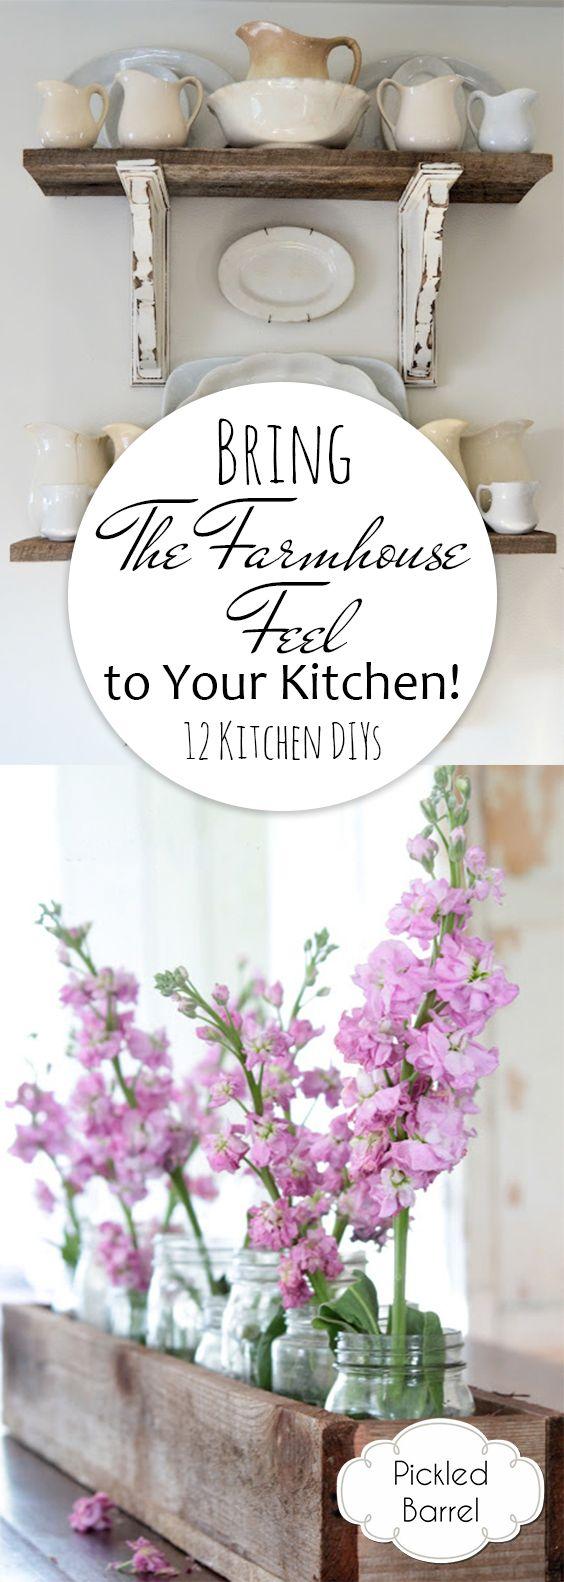 Bring a Farmhouse Feel to Your Kitchen! {12 Kitchen DIYs}